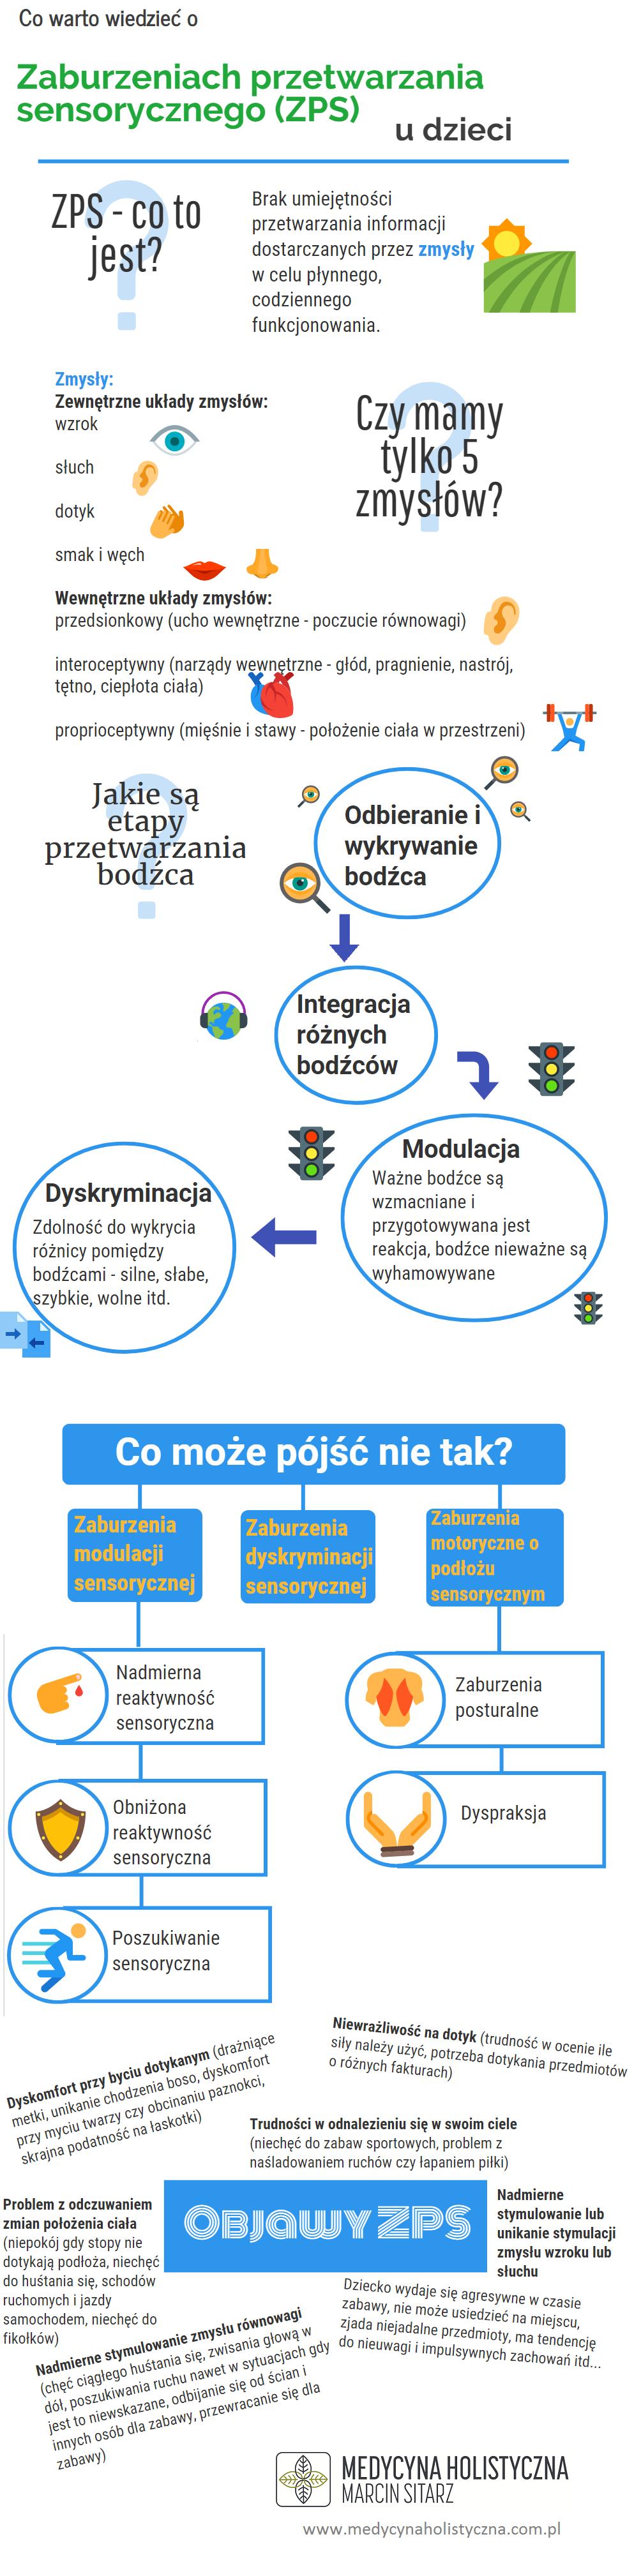 Infografika zaburzenia przetwarzania sensorycznego